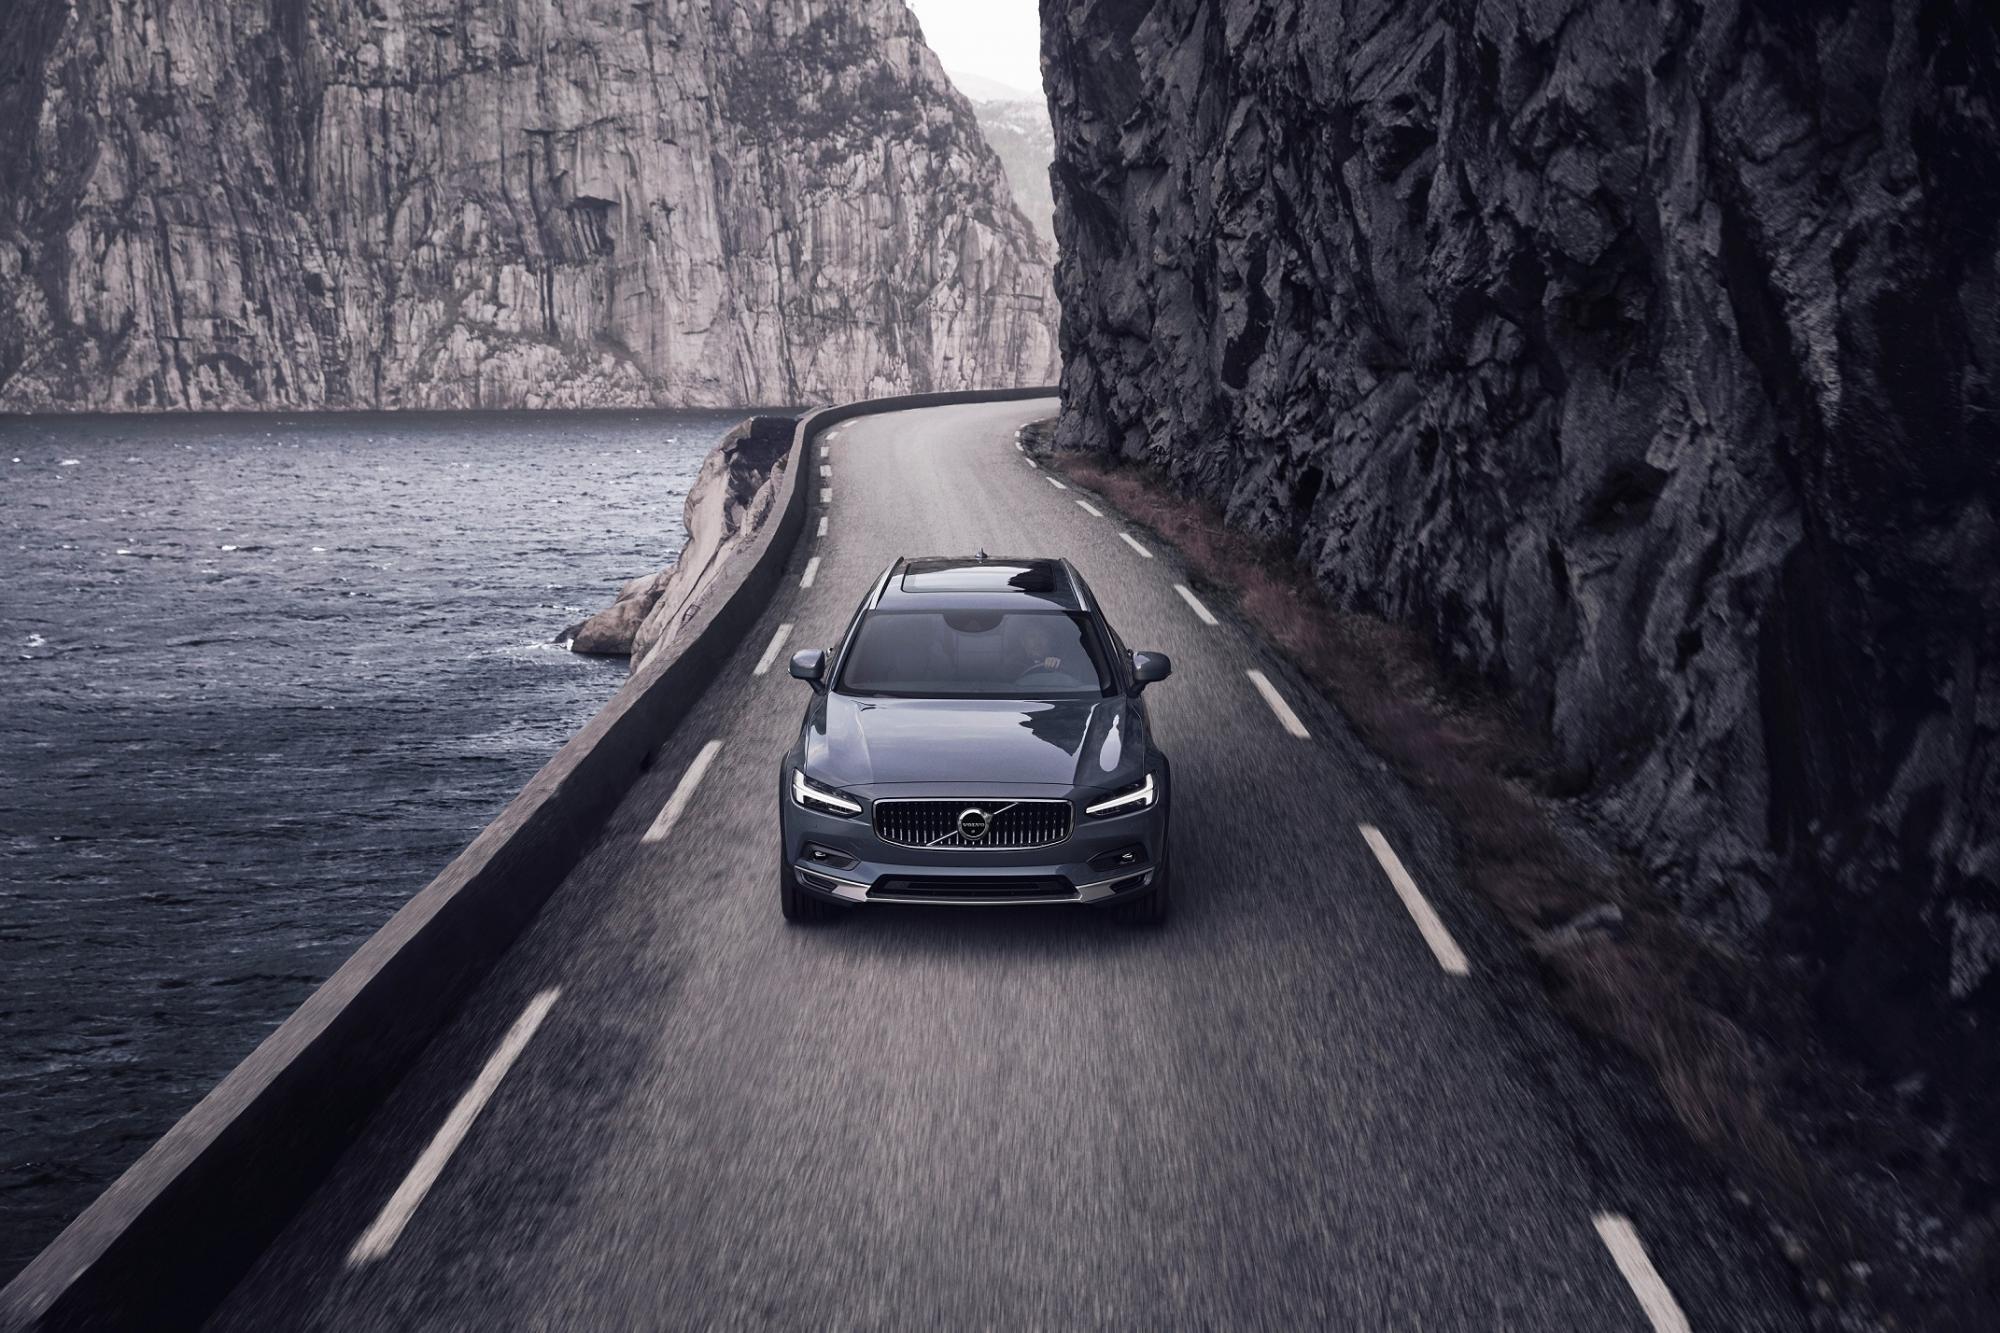 Νέα σχεδίαση για τα Volvo S90 και V90